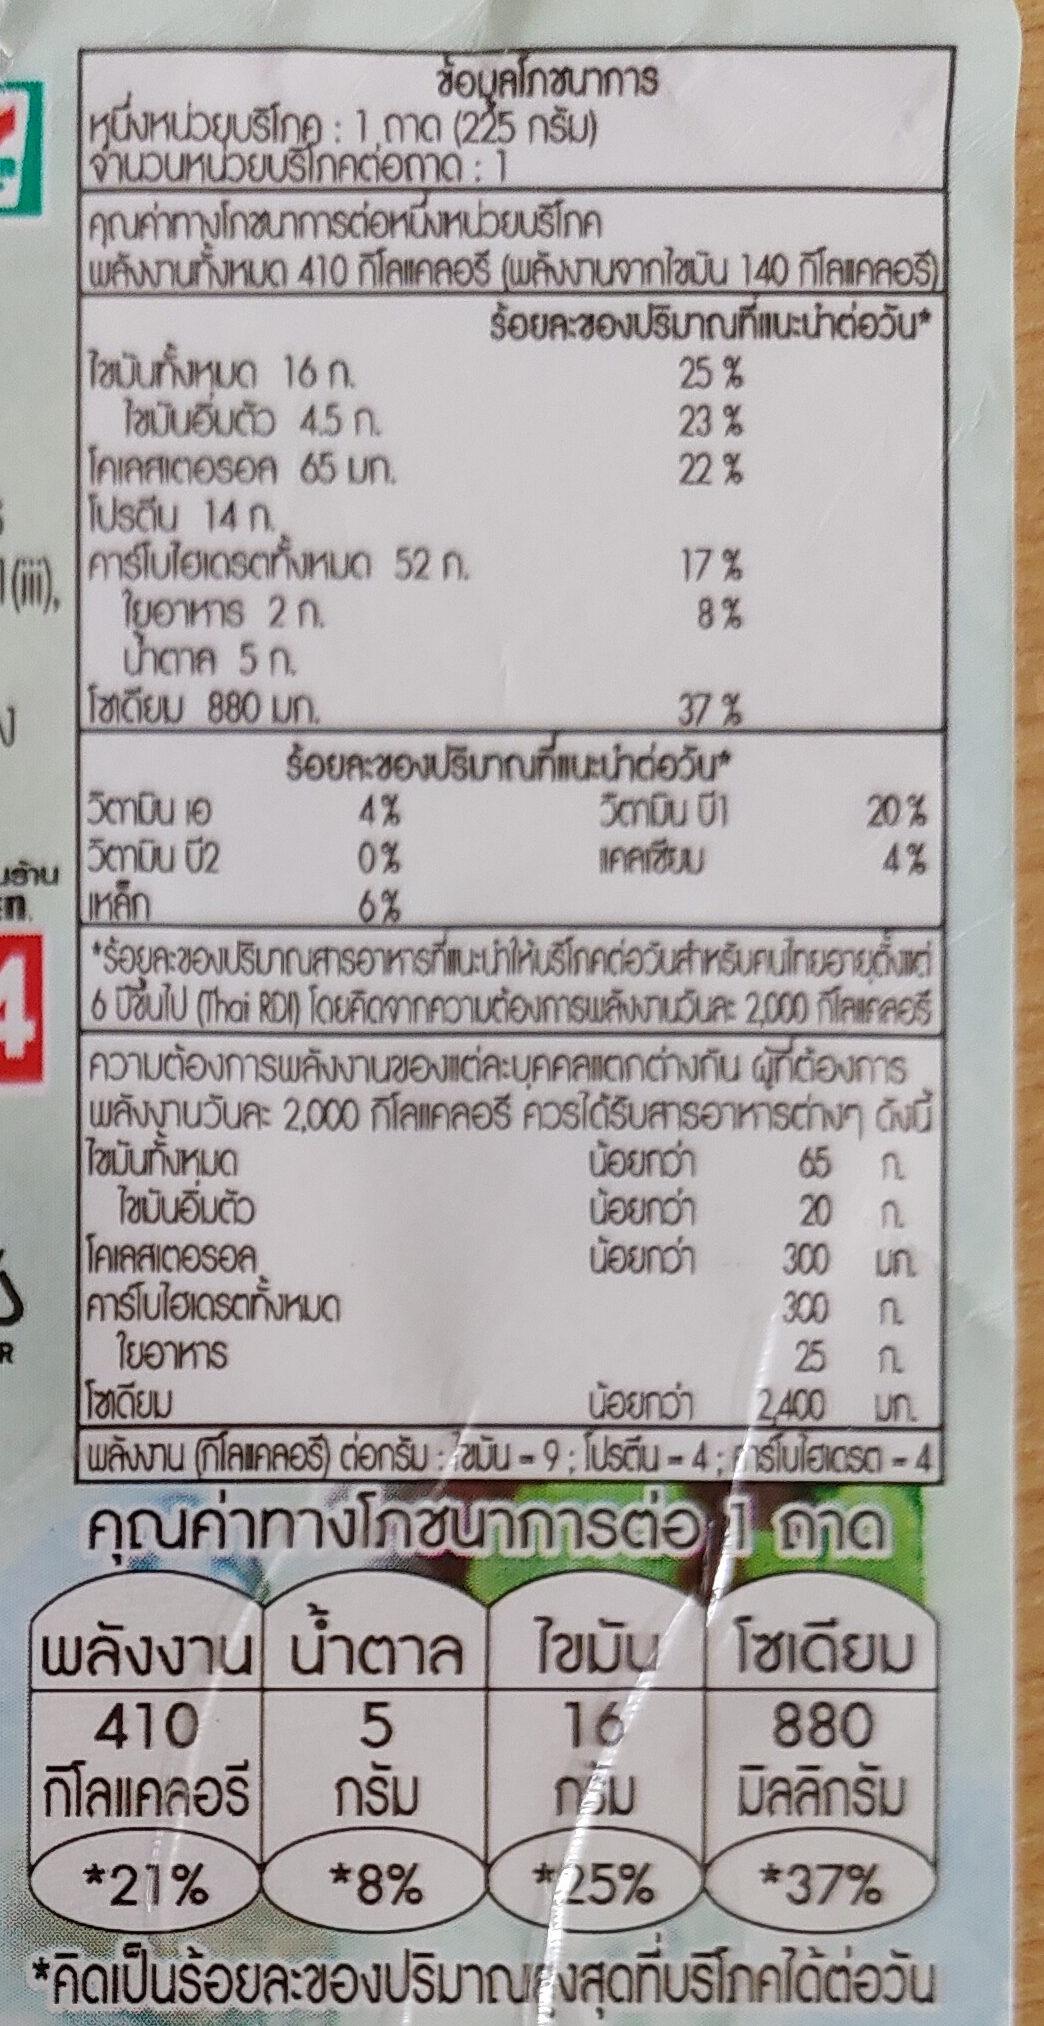 ผัดมักกะโรนีไก่ - Informations nutritionnelles